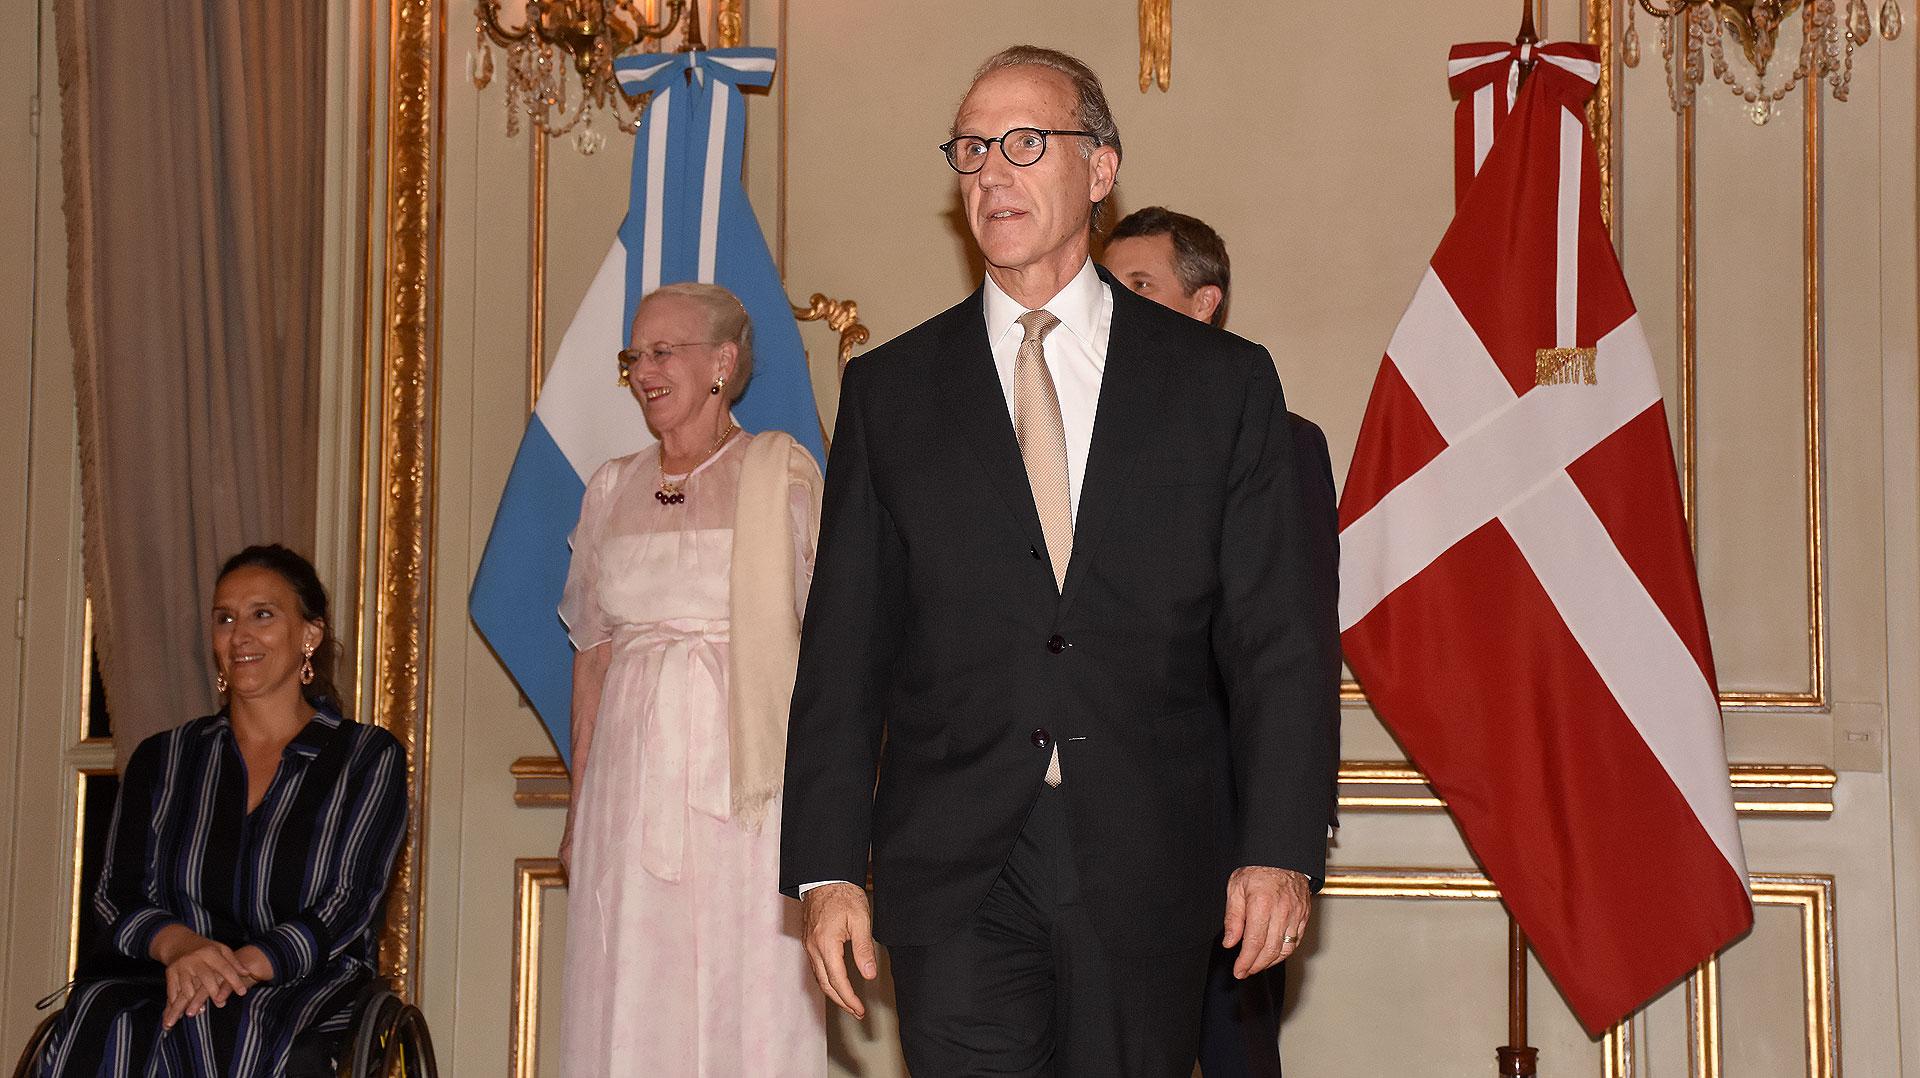 El presidente de la Corte Suprema de la Nación, Carlos Rosenkrantz, entre los invitados de honor a la recepción en el hotel Alvear